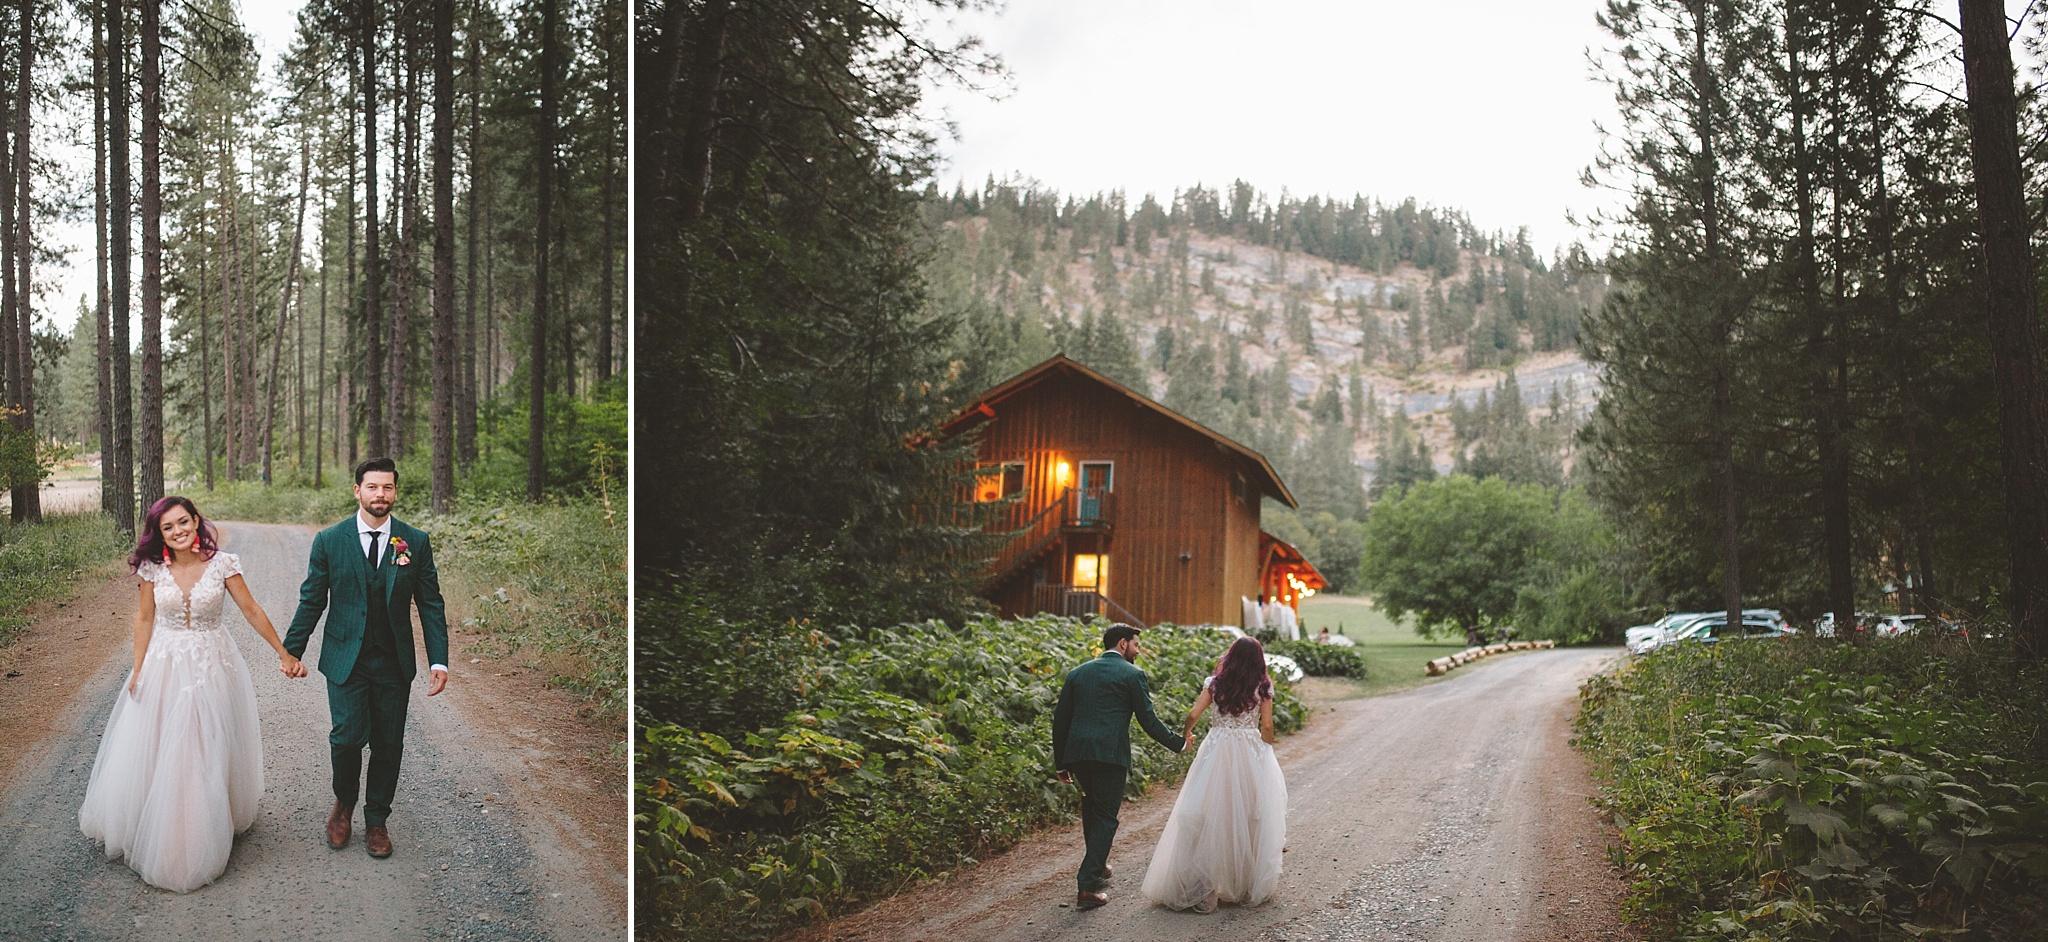 outdoor wedding venue in woods PNW